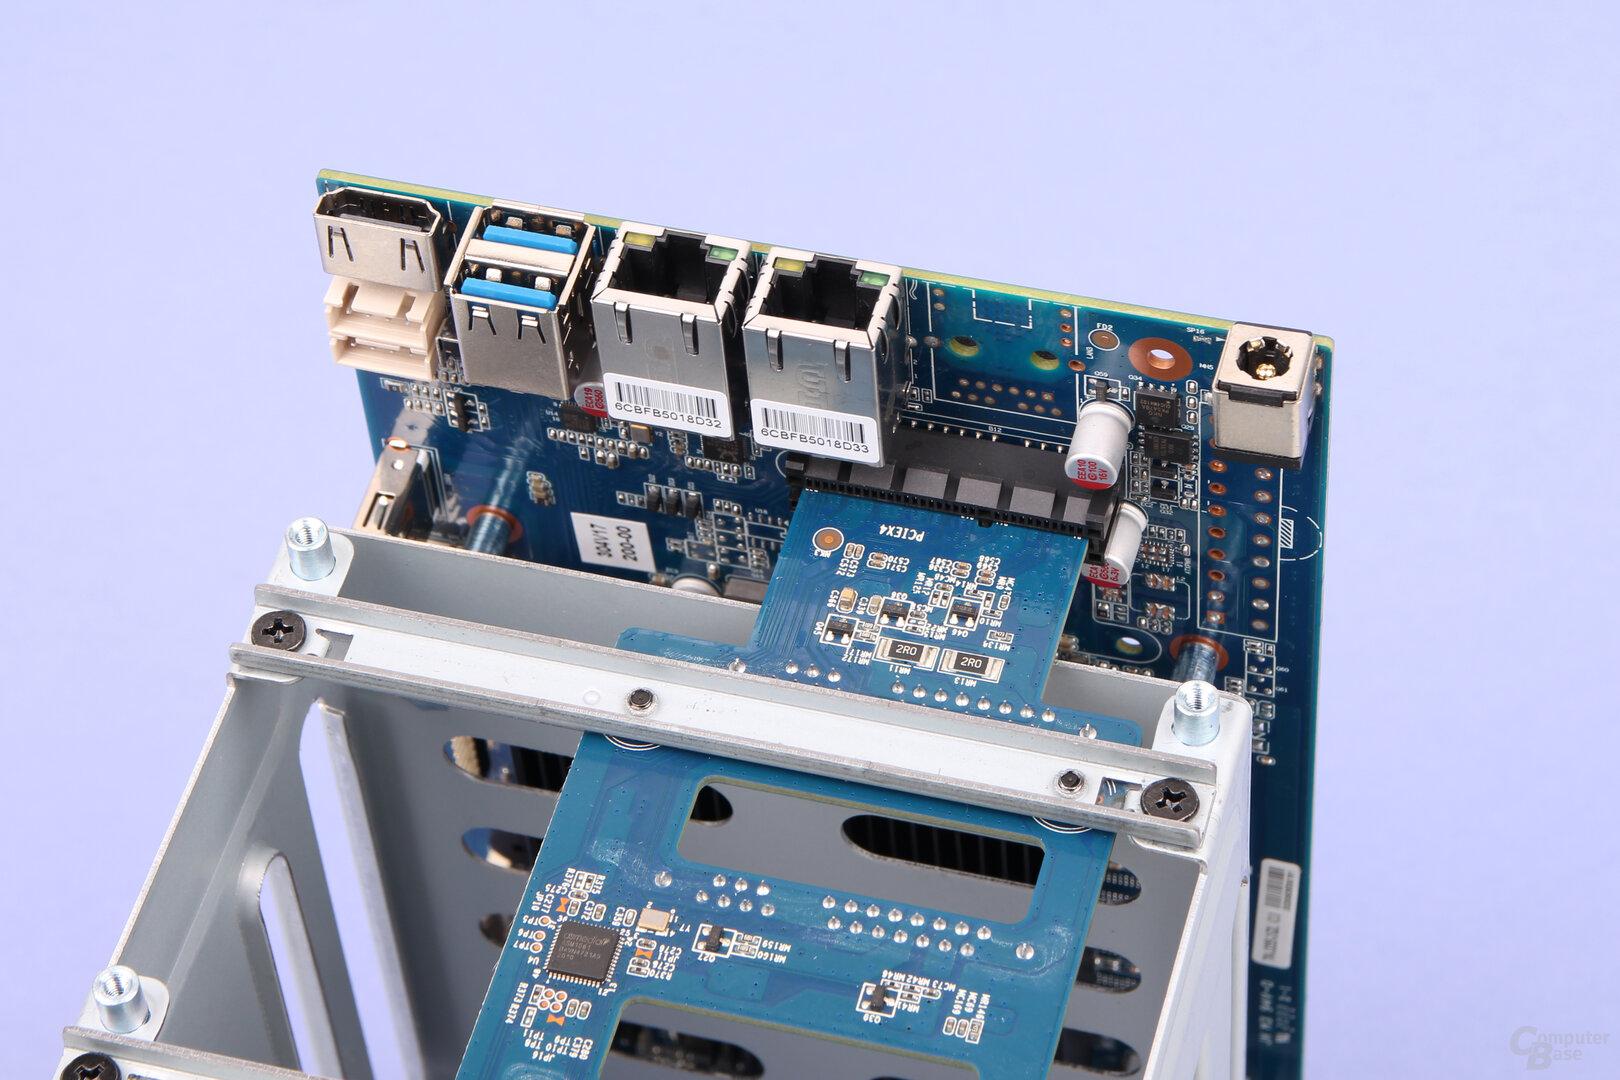 TerraMaster F5-221: Unter der Haube steckt auch wieder ein HDMI-Anschluss